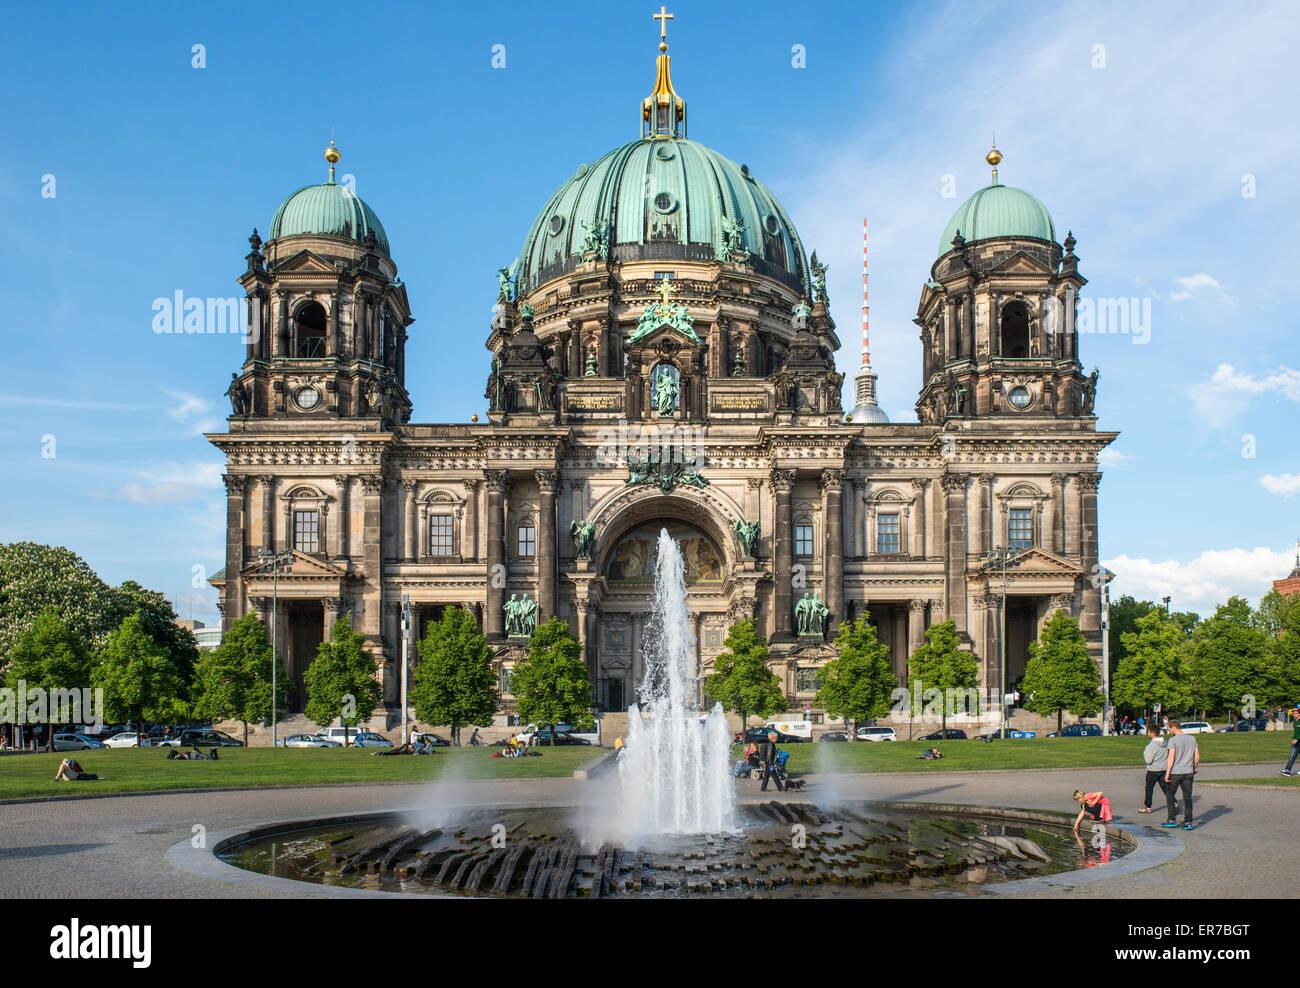 Cathédrale de Berlin (Berliner Dom) sur l'île des musées dans le quartier de Mitte à la Photo Stock